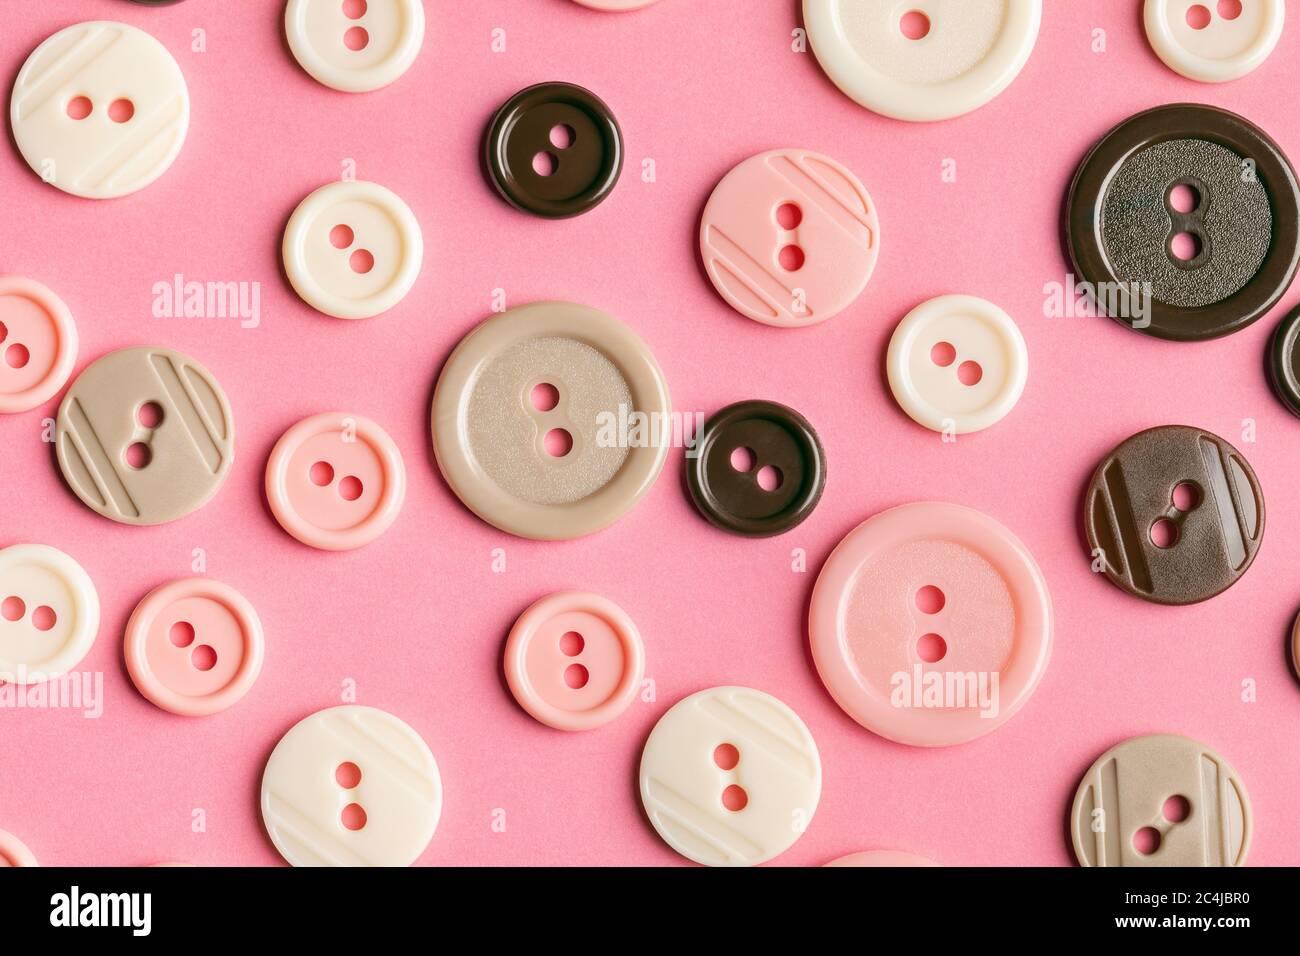 Botones de plástico pastel en rosa. Este archivo se limpia y se vuelve a archivar. Foto de stock